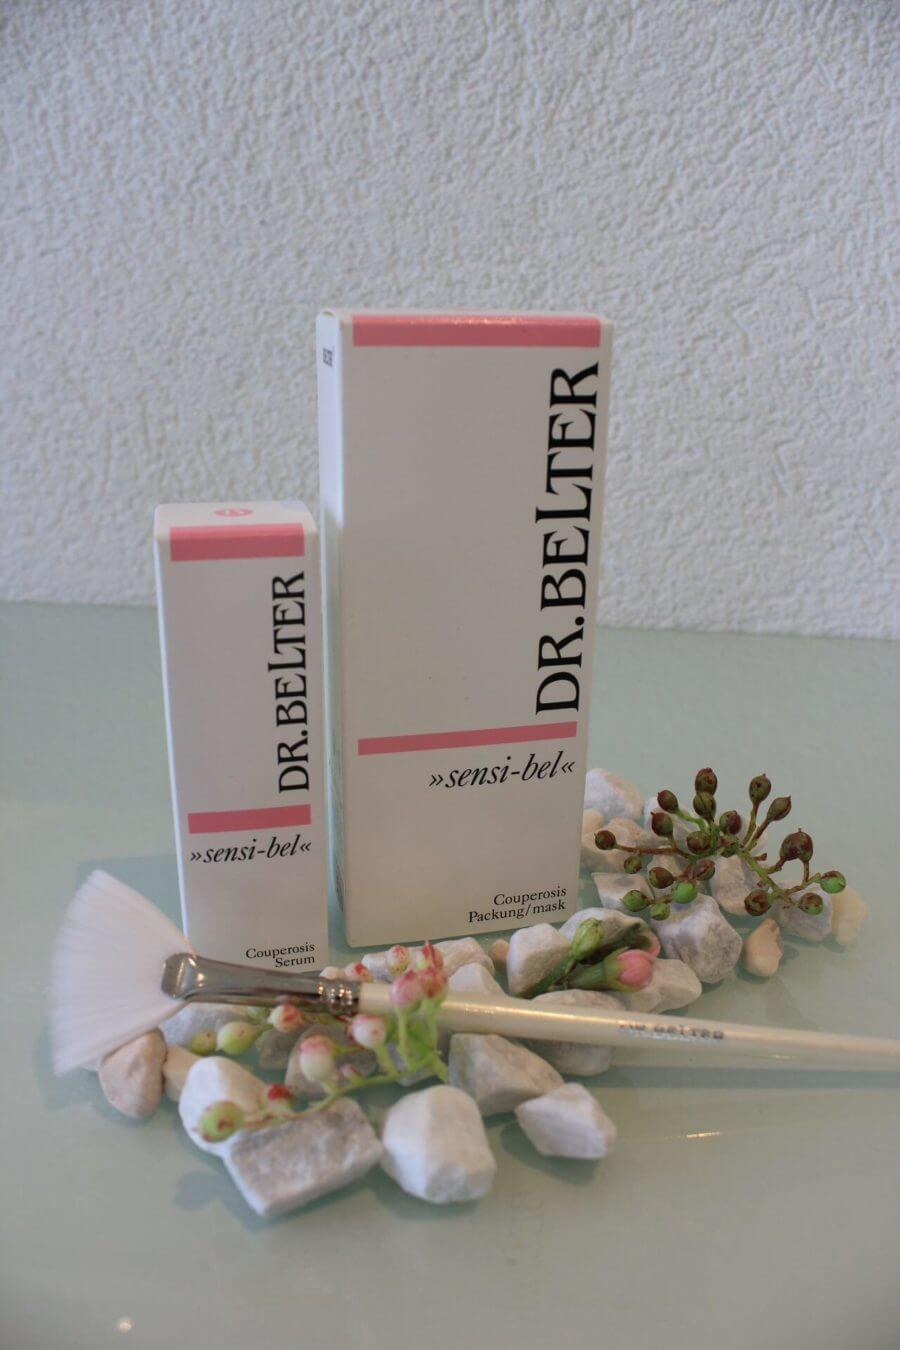 Produkte für Gesichtsbehandlung im YouBeauty-Center Oftringen